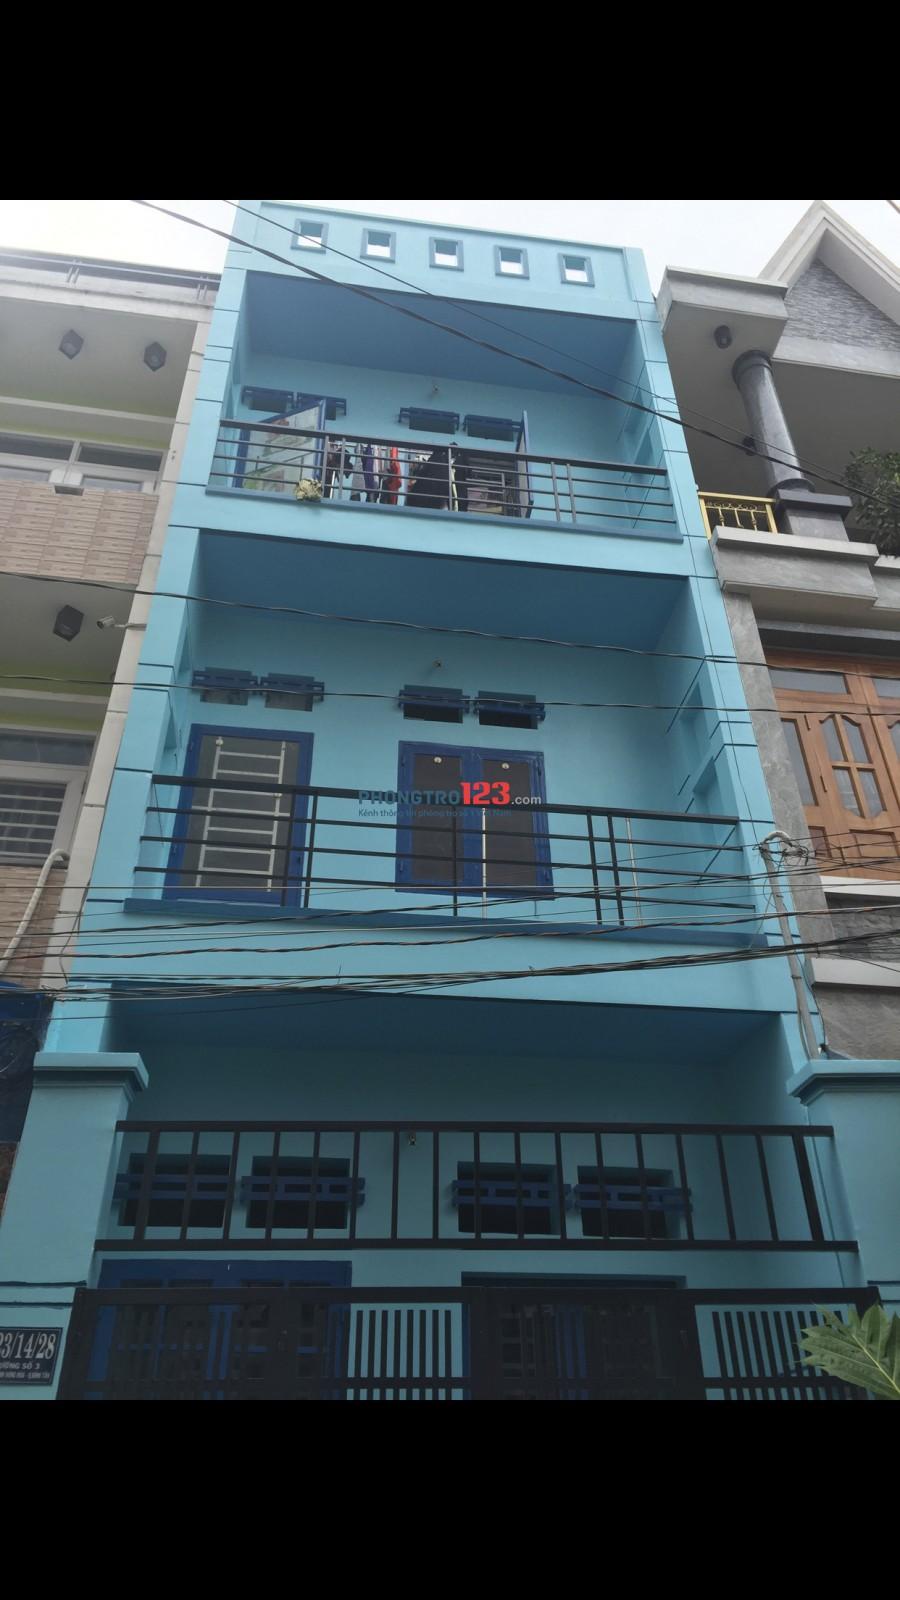 Cho thuê phòng trọ giá sinh viên, an ninh. Đ/c tại 123/14/28 Đường số 3, Phường Bình Hưng Hòa, Quận Bình Tân